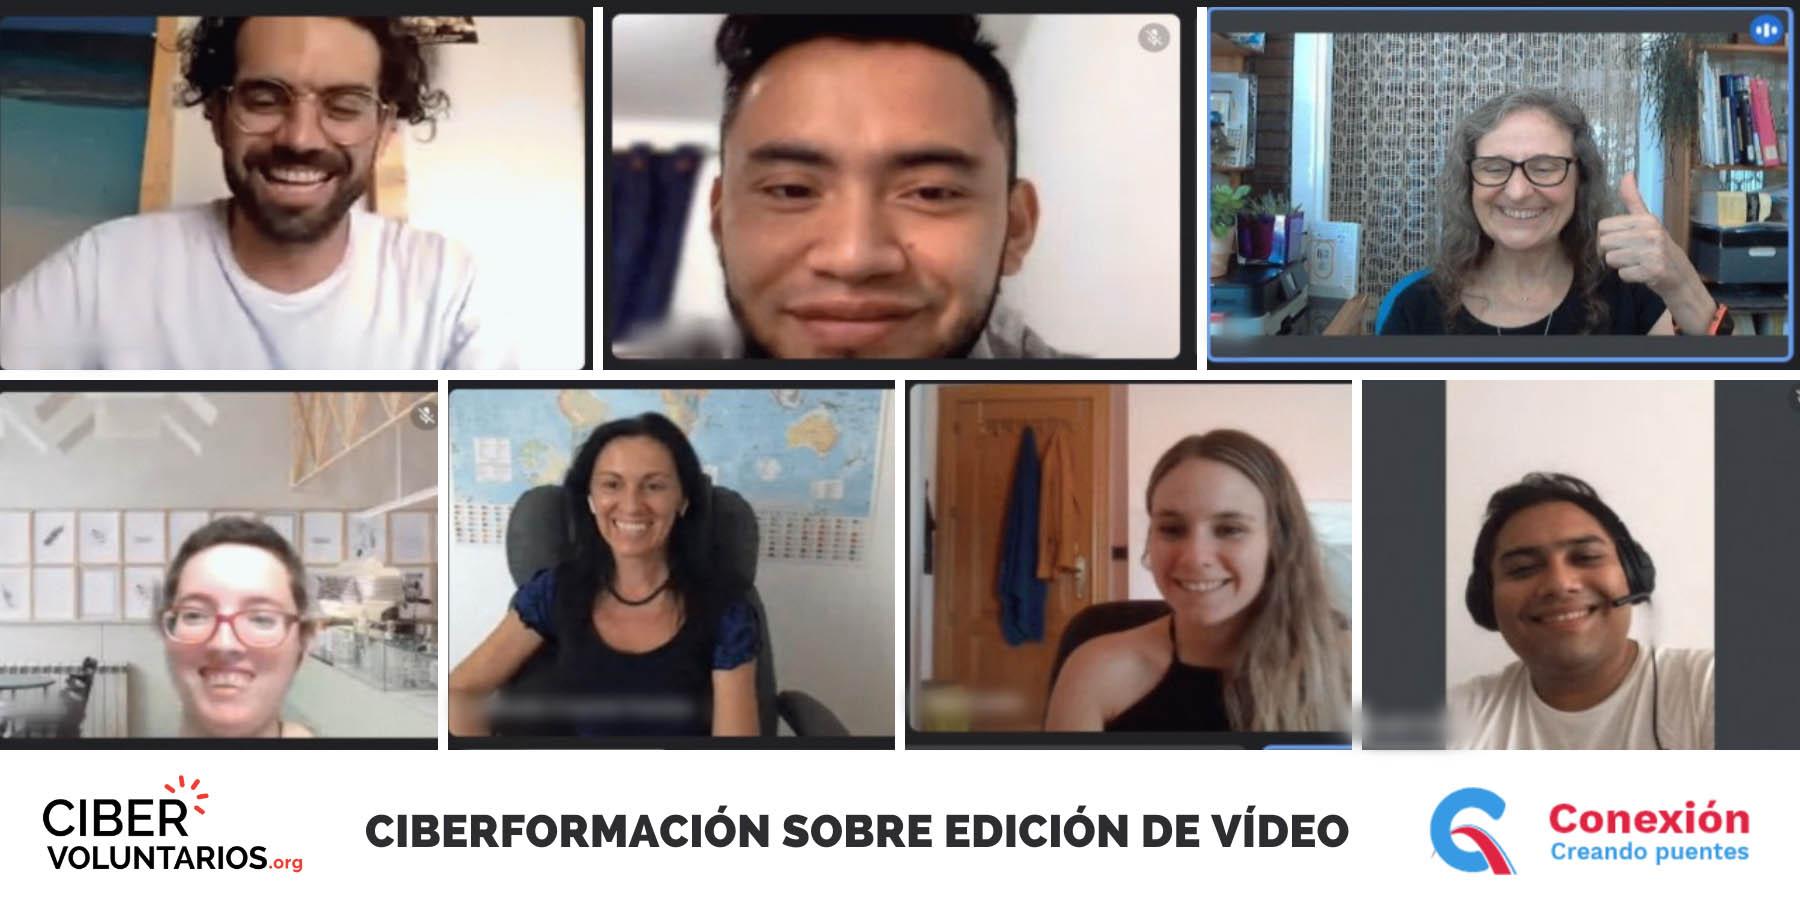 Edición de vídeo contra la exclusión social de personas desplazadas y refugiadas